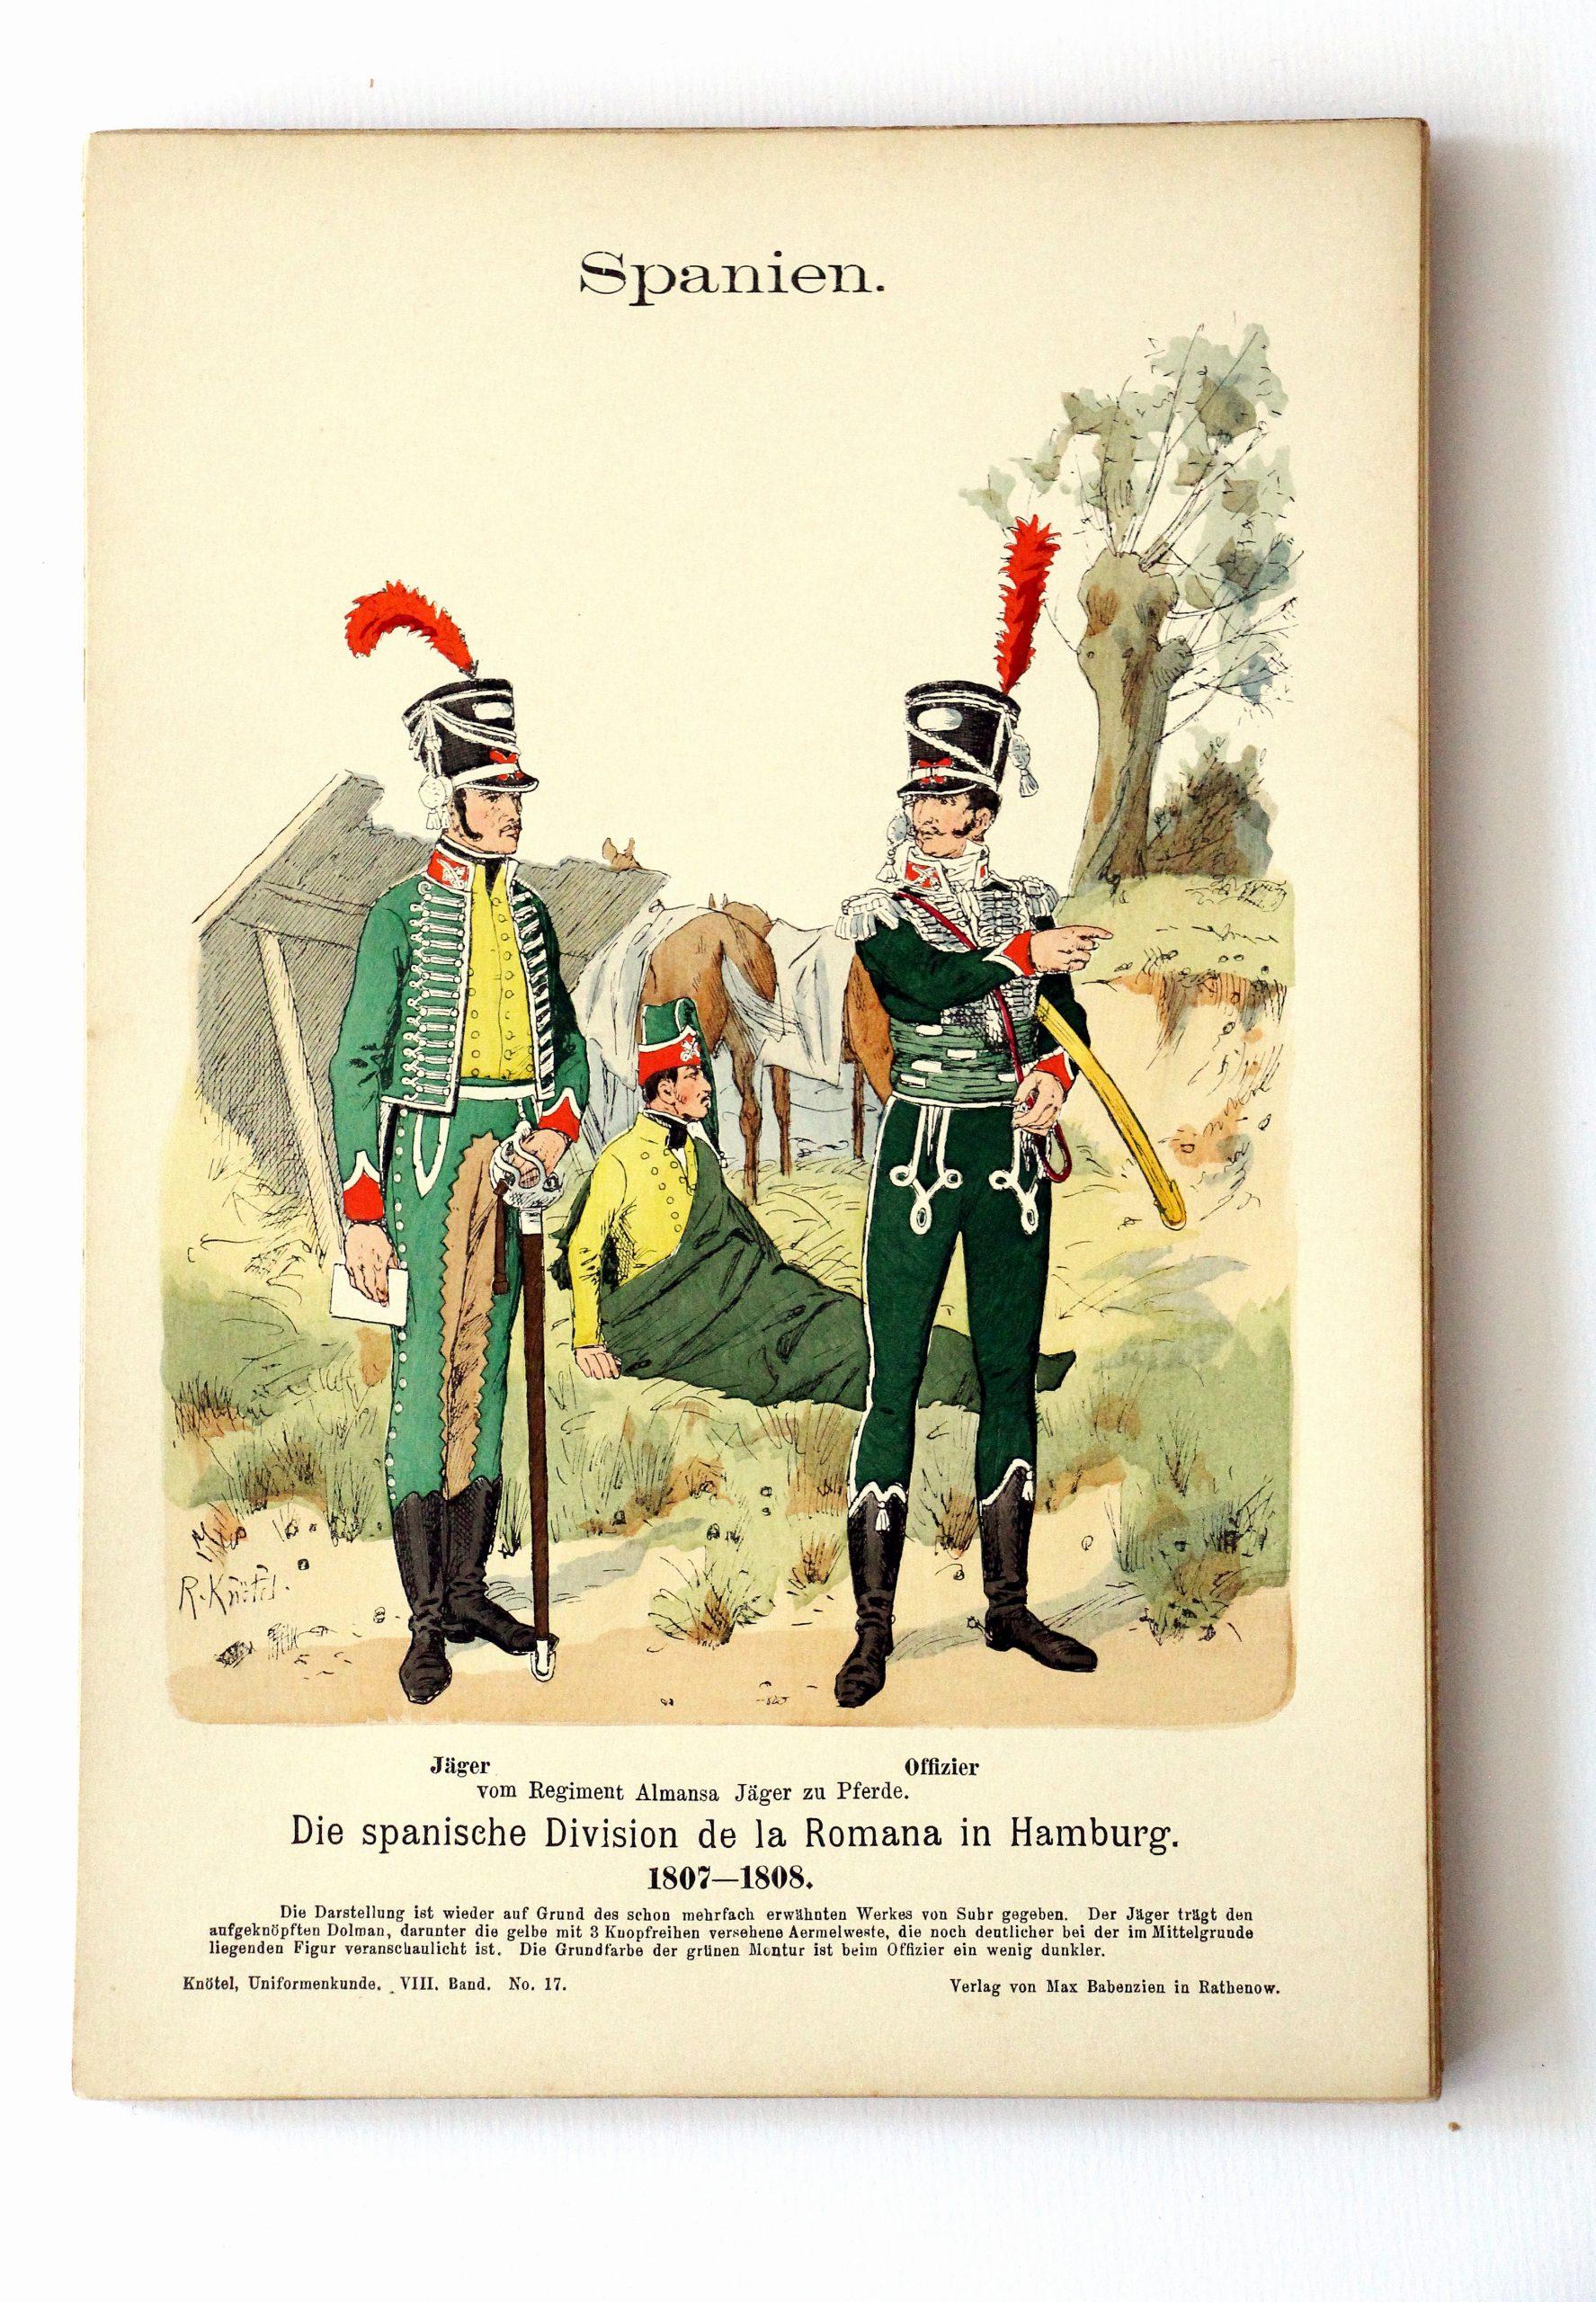 Spanien- Uniformenkunde - Richard Knoetel - VIII - Planche 17